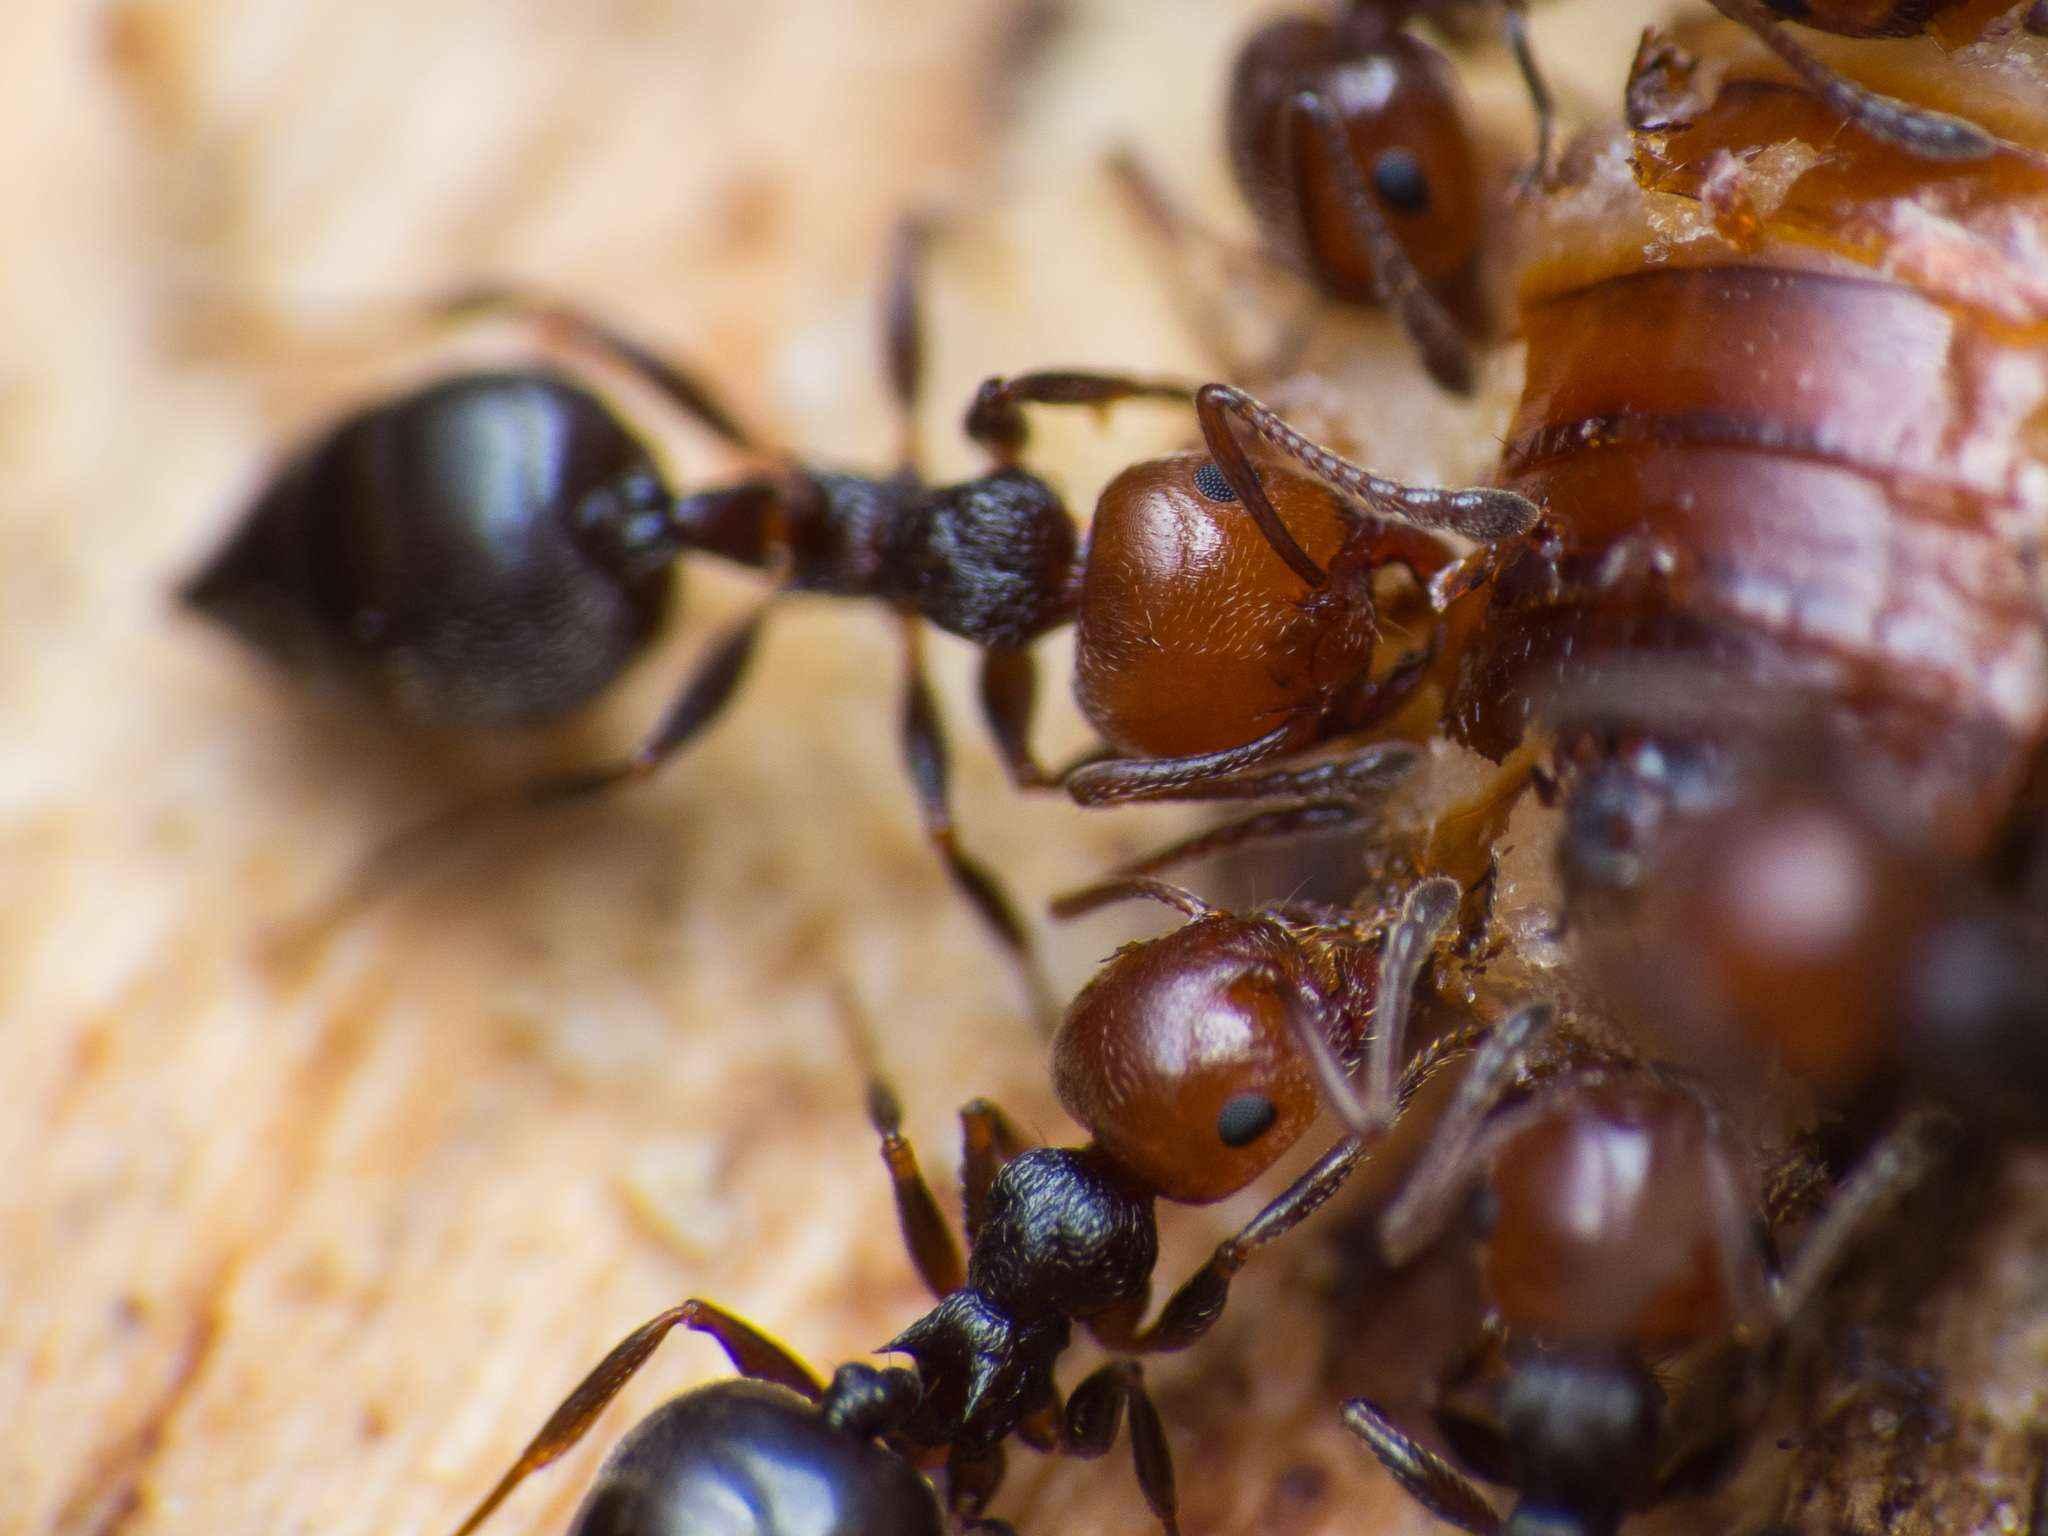 Crematogaster scutellaris: Viele Larven mit Hunger auf Proteine